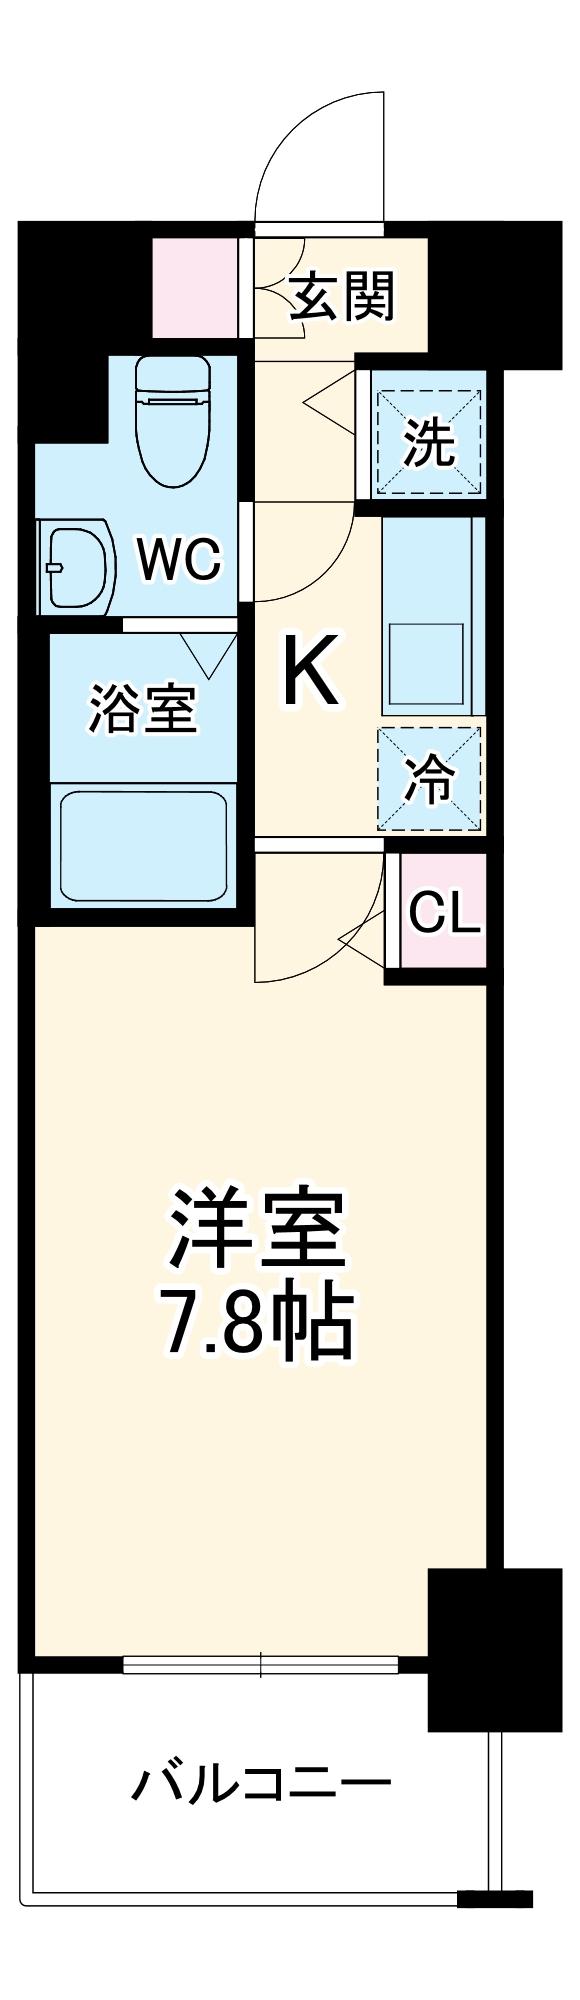 グランド・ガーラ横浜伊勢佐木町・814号室の間取り